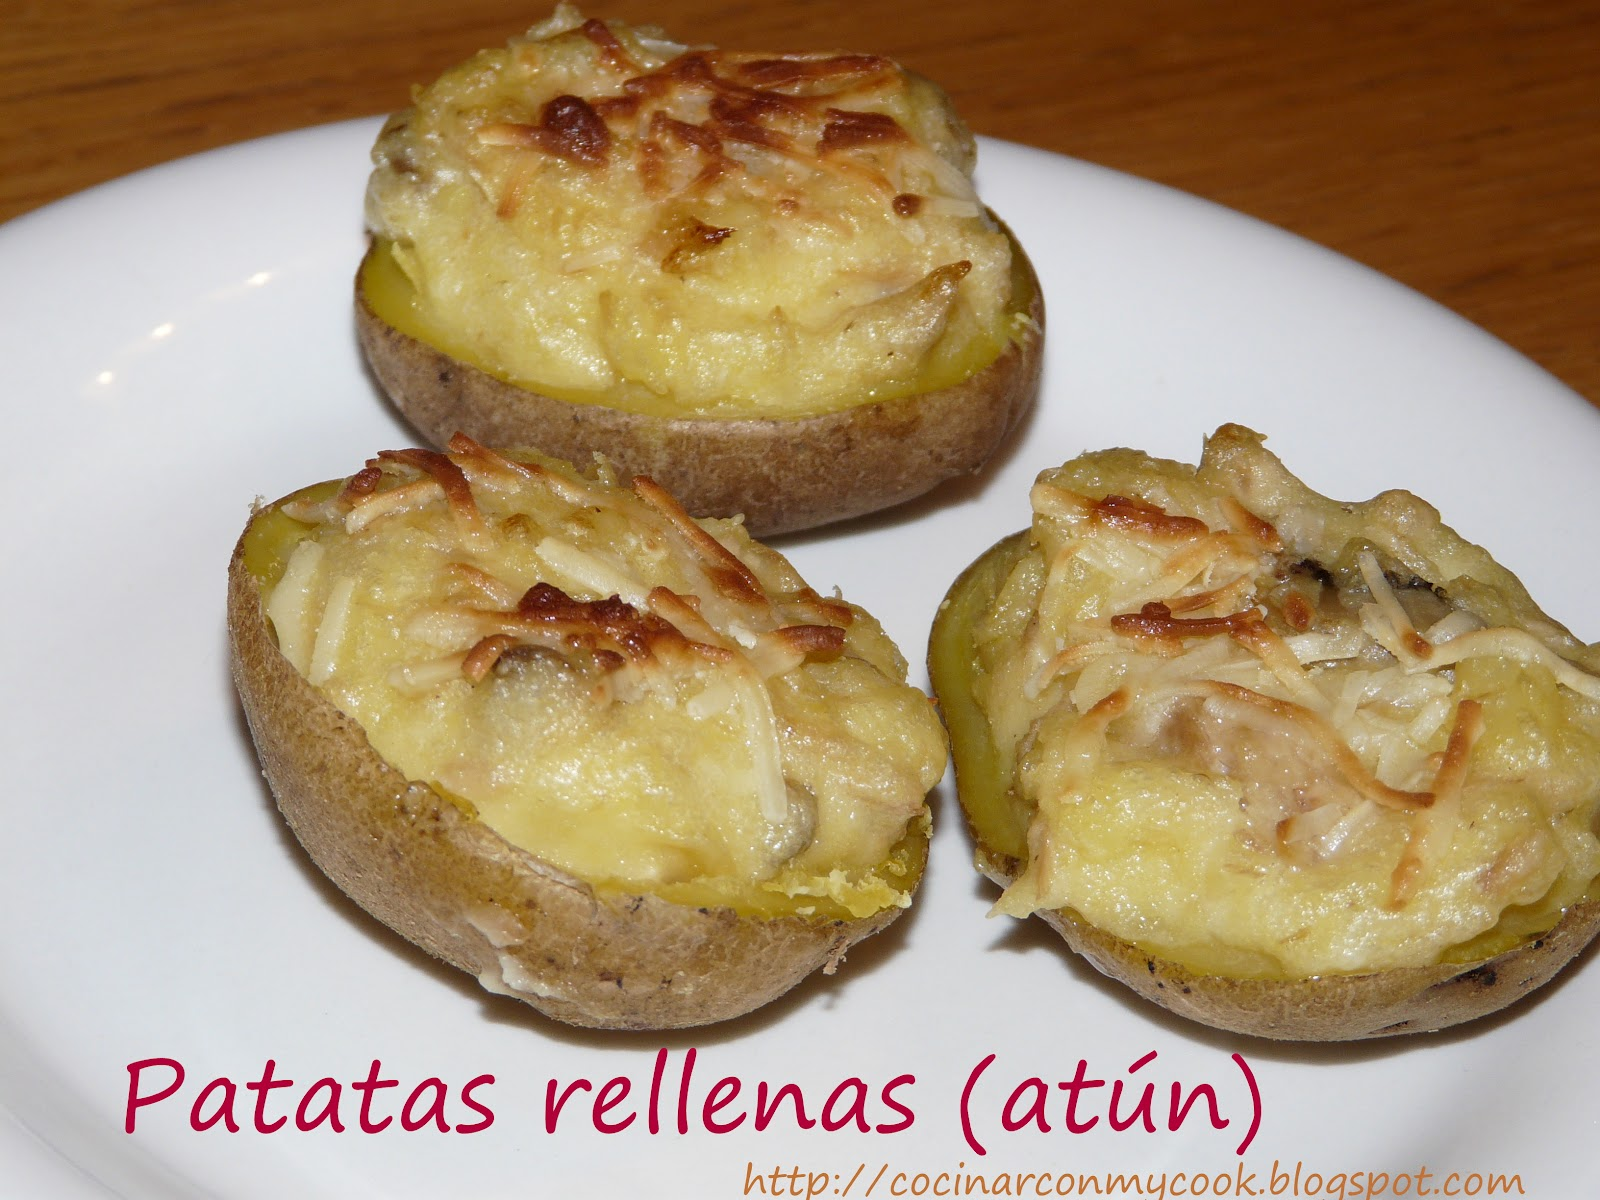 Cocinar con mycook patatas rellenas at n for Cocinar repollo con patatas